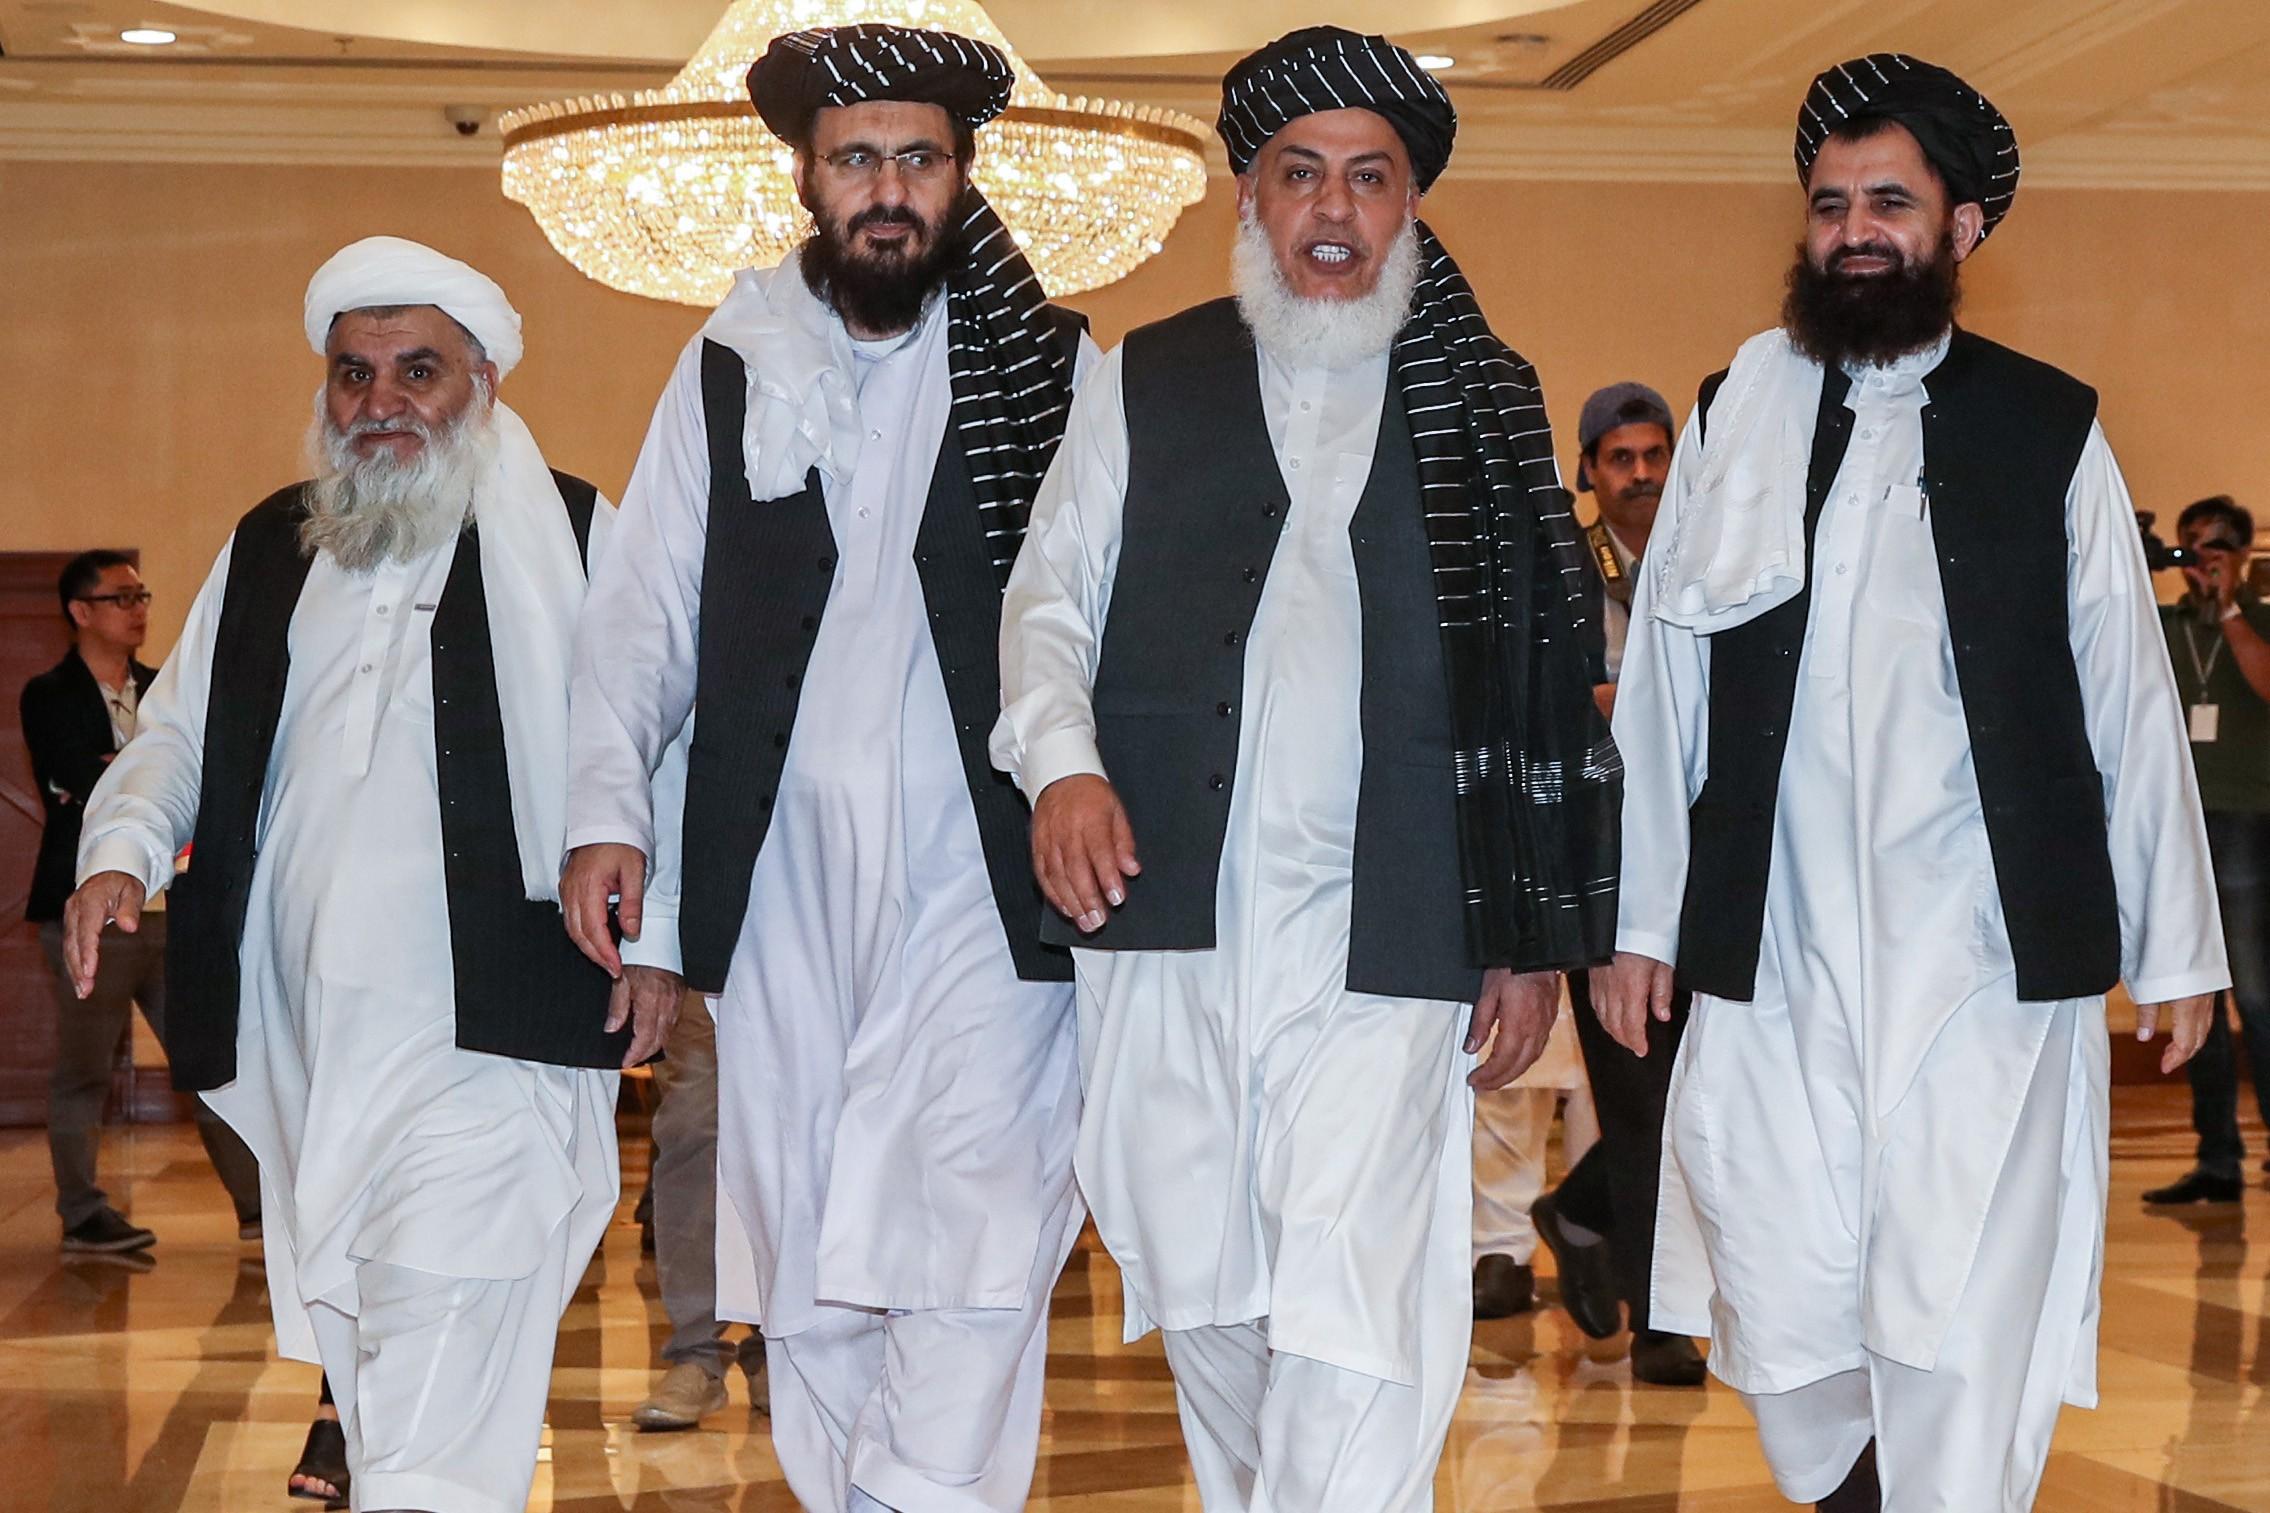 Membros do Talibã em Doha